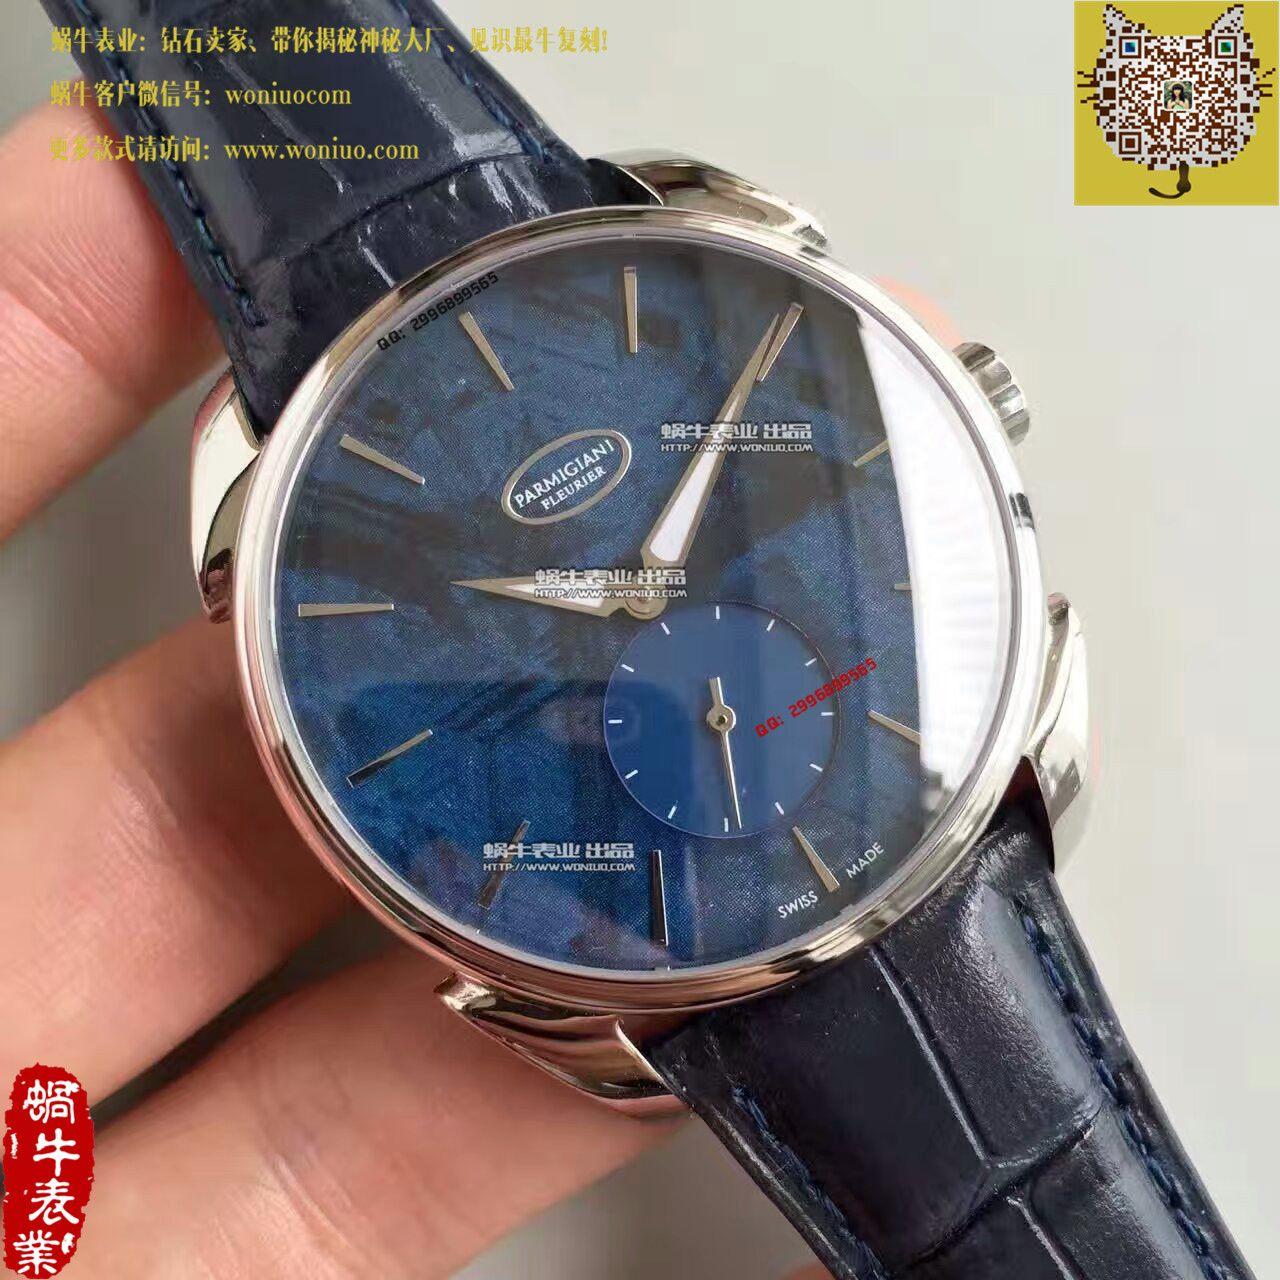 【一比一复刻手表】帕玛强尼Tonda系列特别版镂空限量腕表PFC267-3000600-HA3141腕表 / PM017